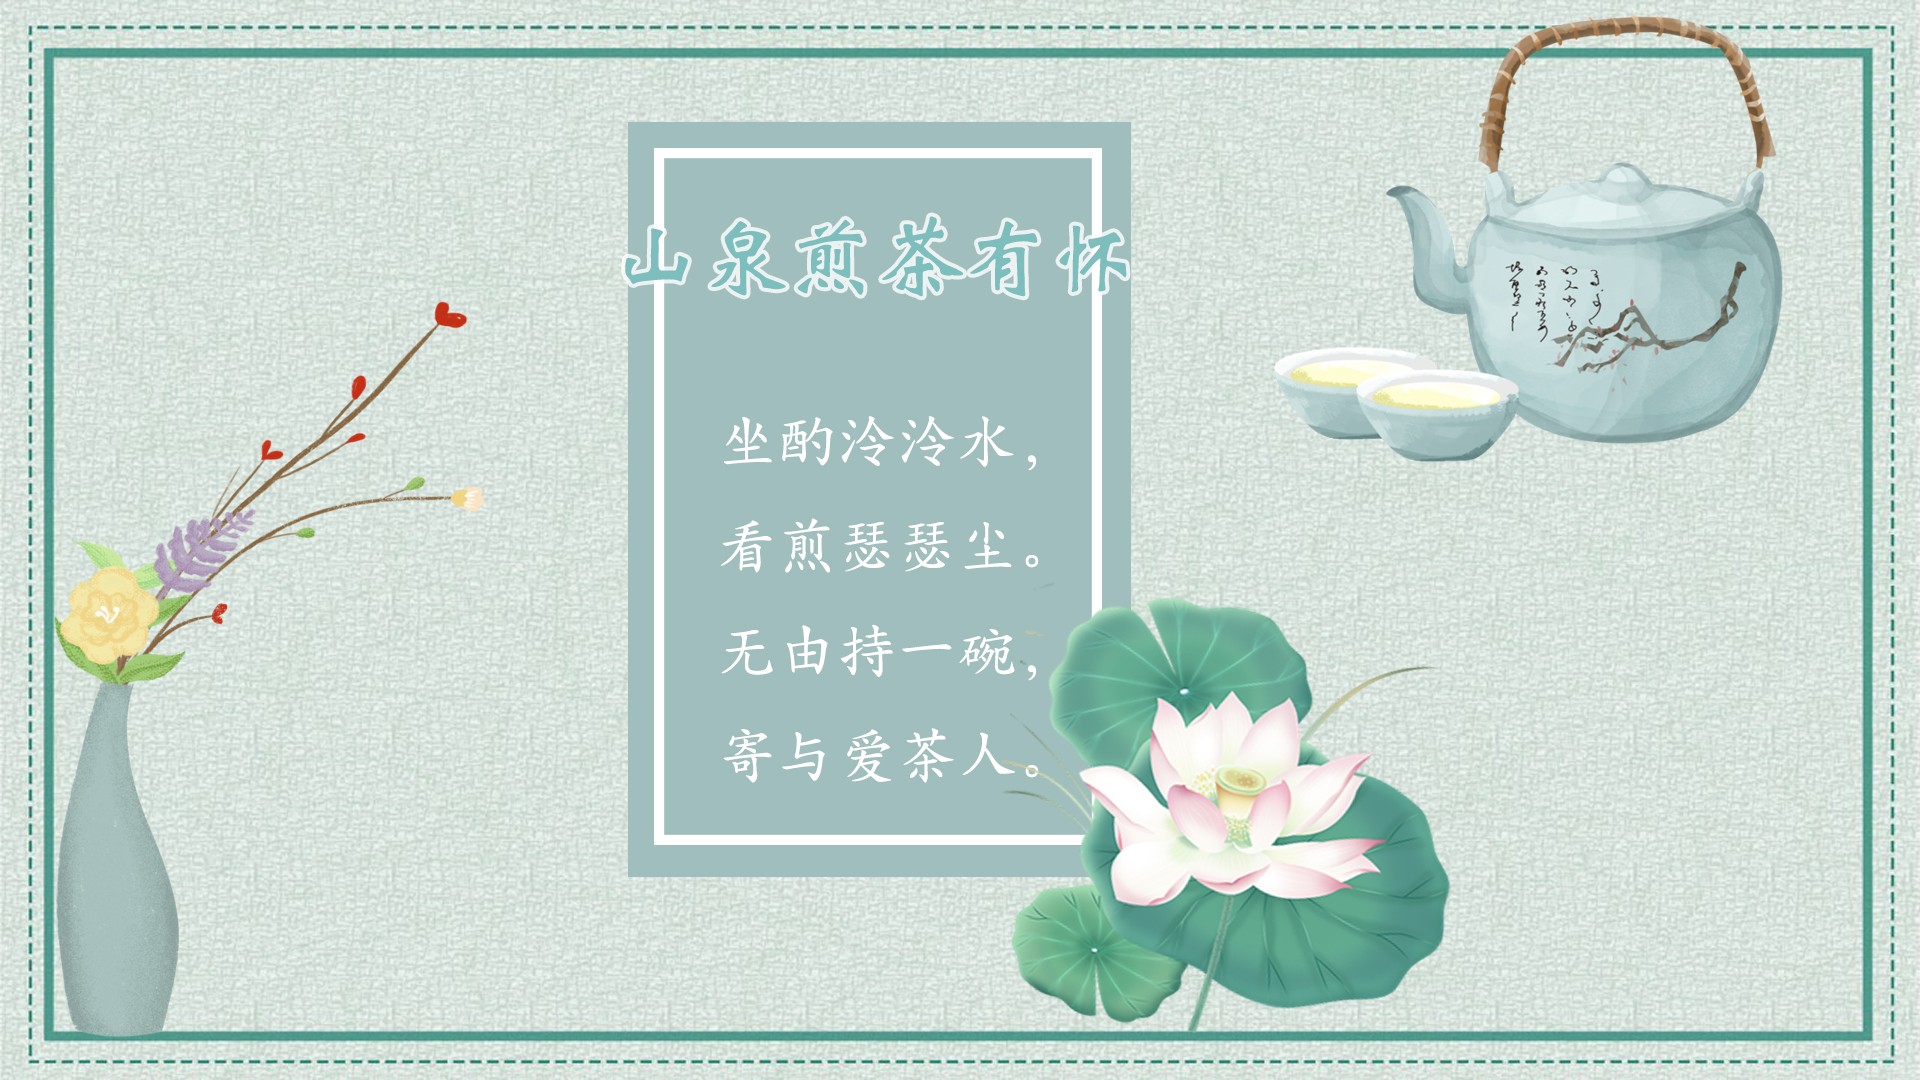 文字控,荷花,茶,惬意